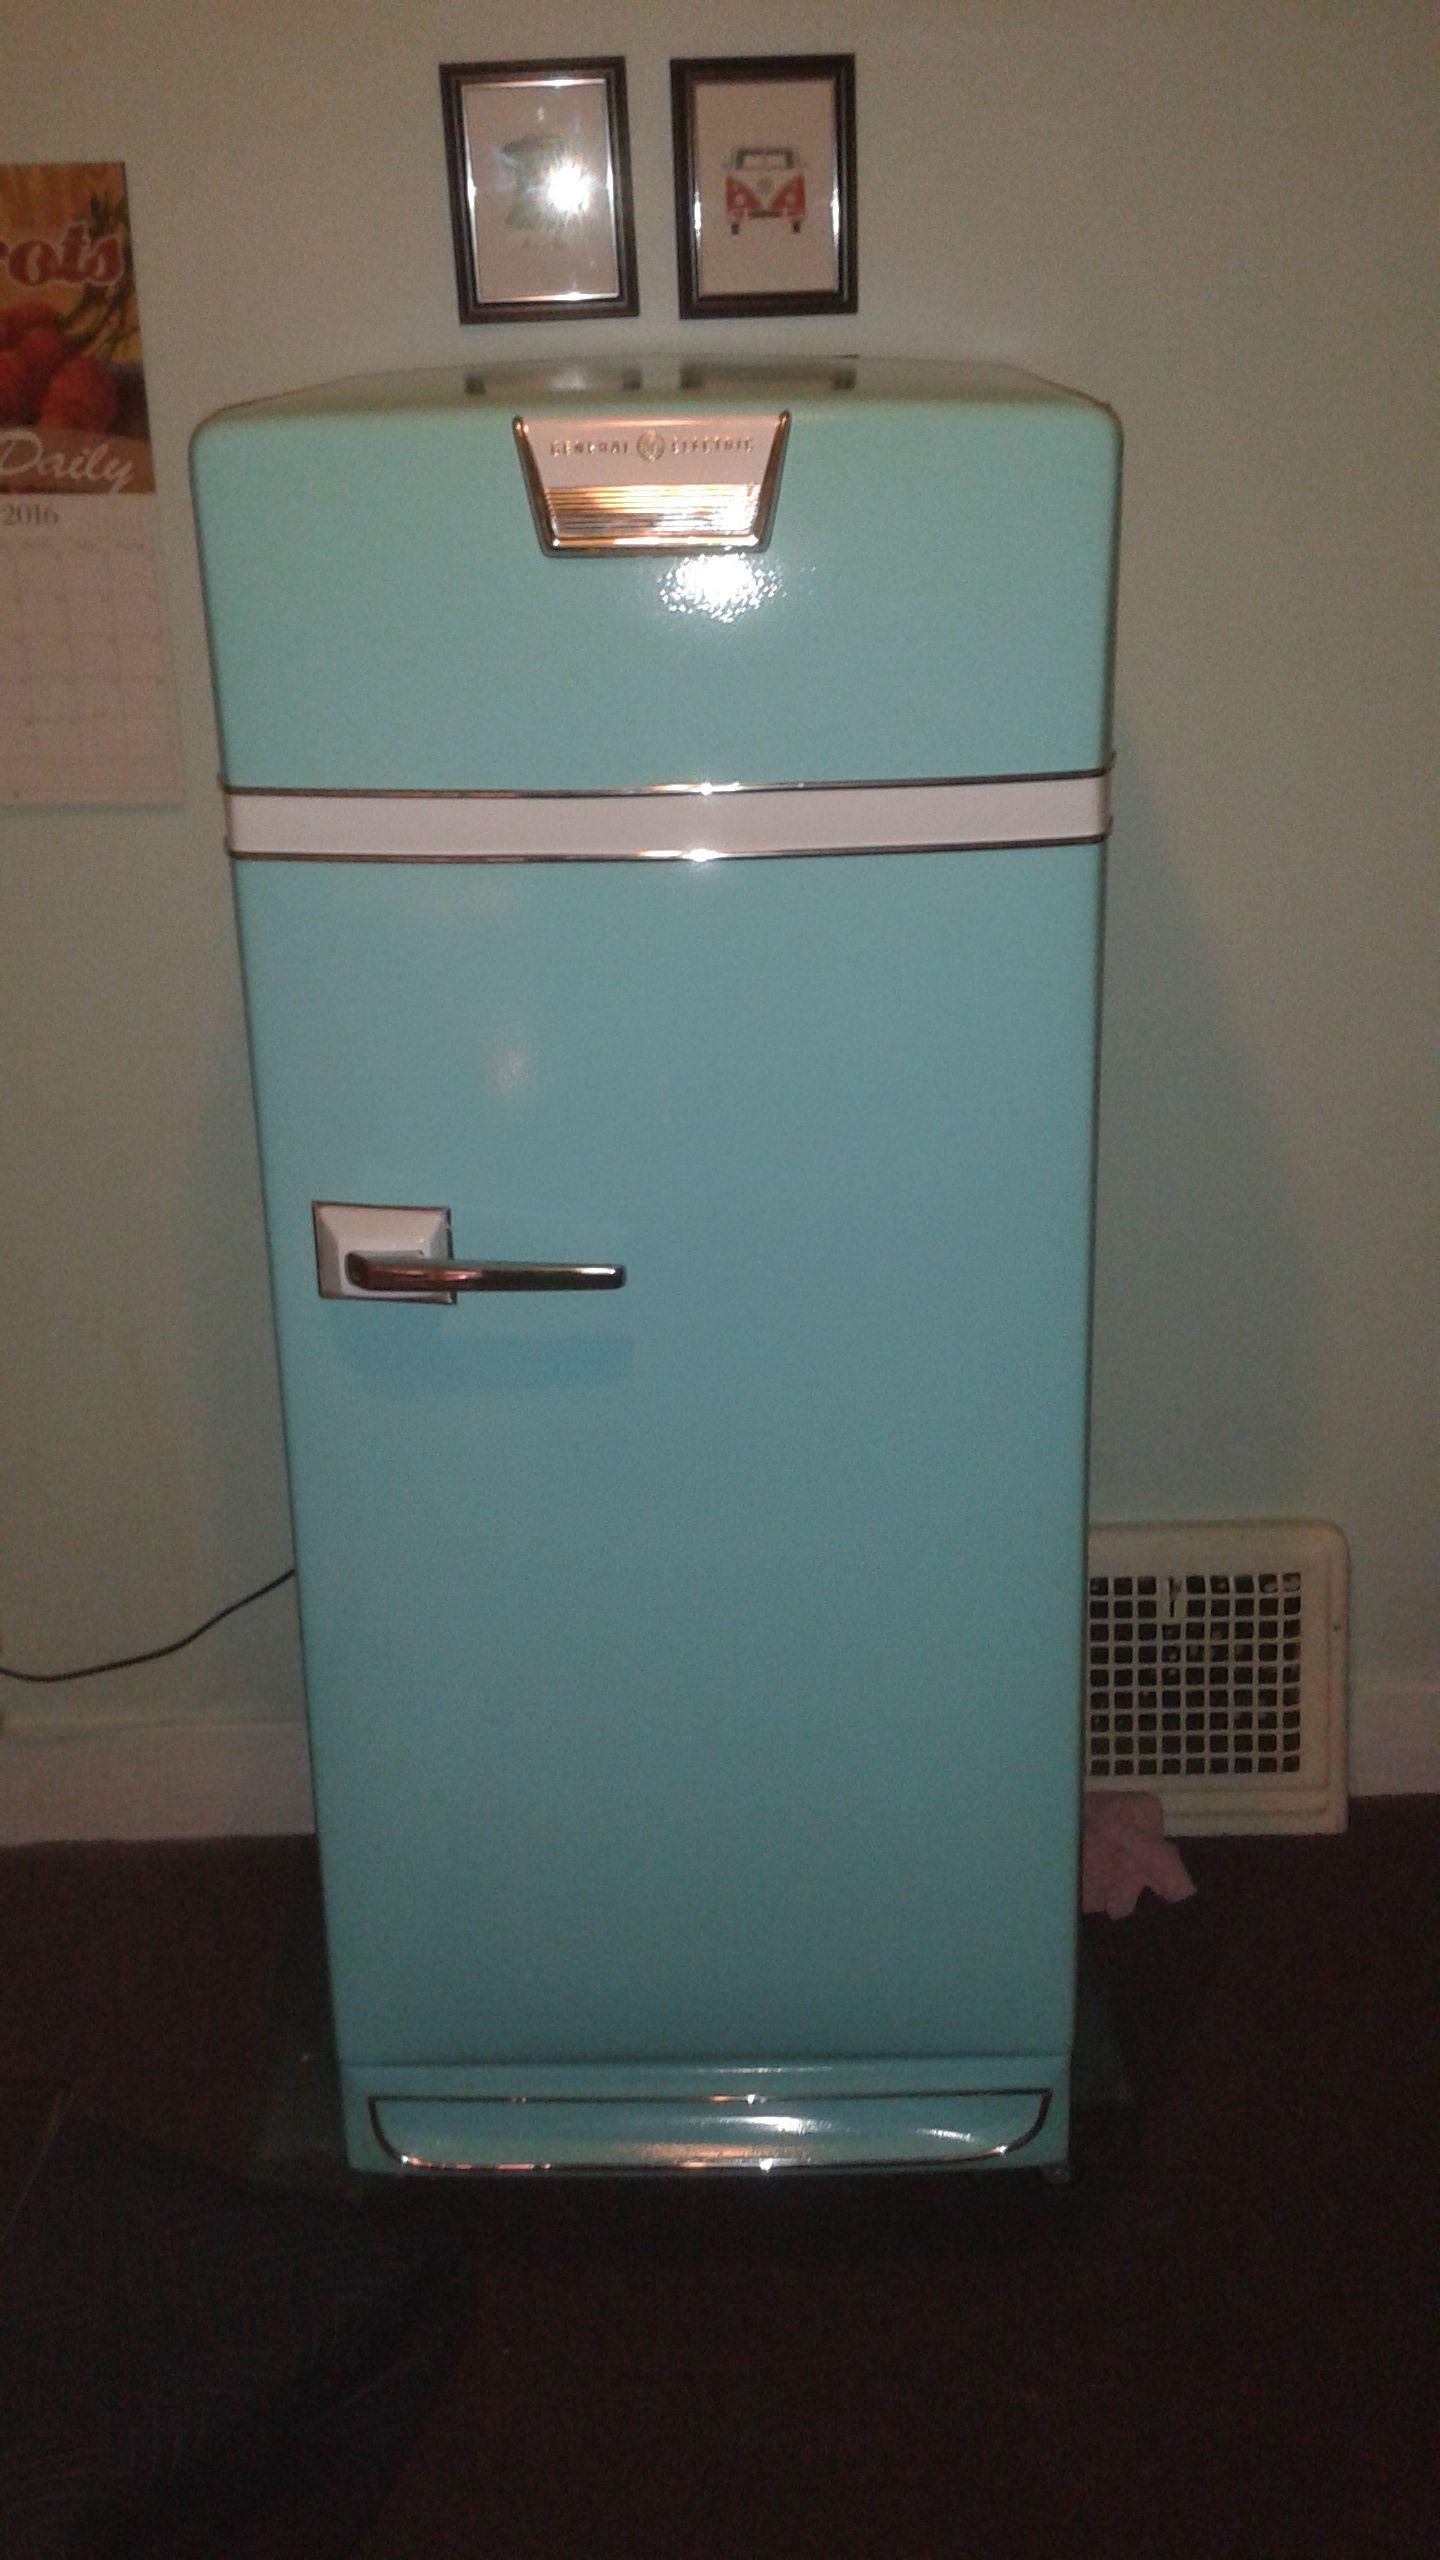 vintage fridge makeover .I just finished my 1945 General Electric refrigerator restoration